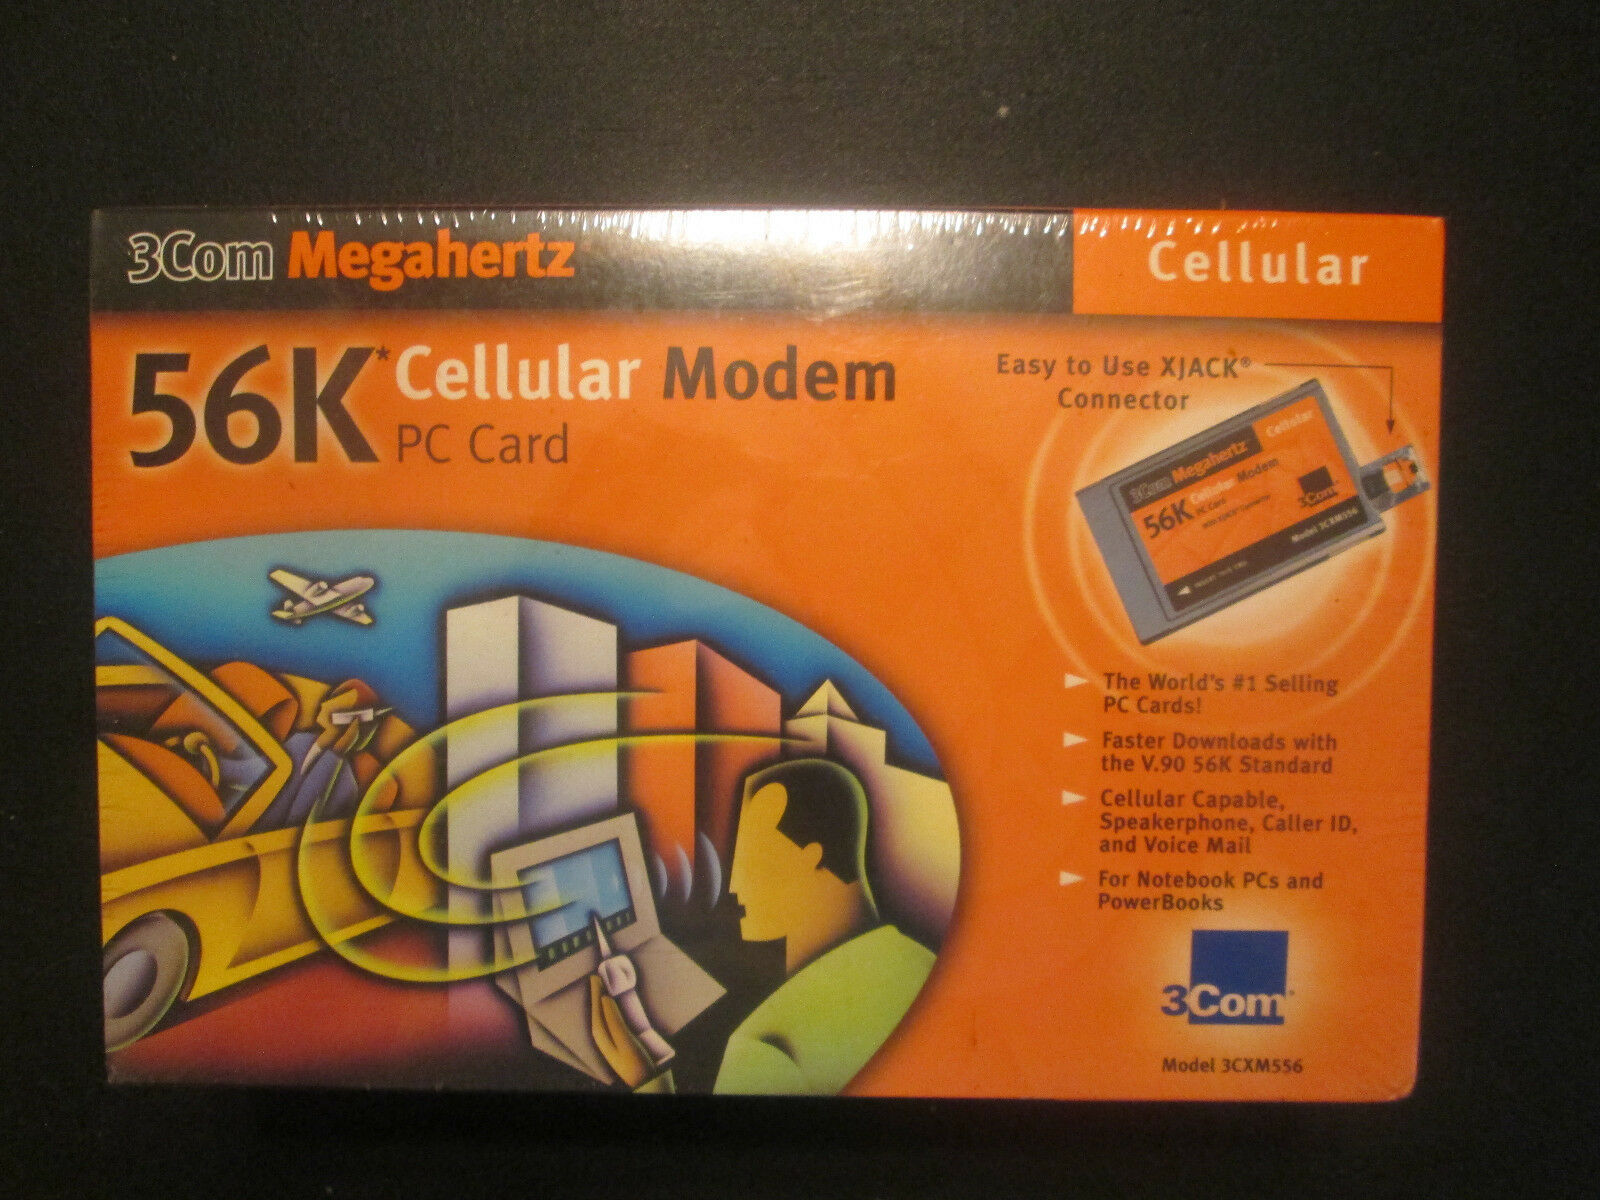 3Com Megahertz Cellular 3CXM556 56 Kbps